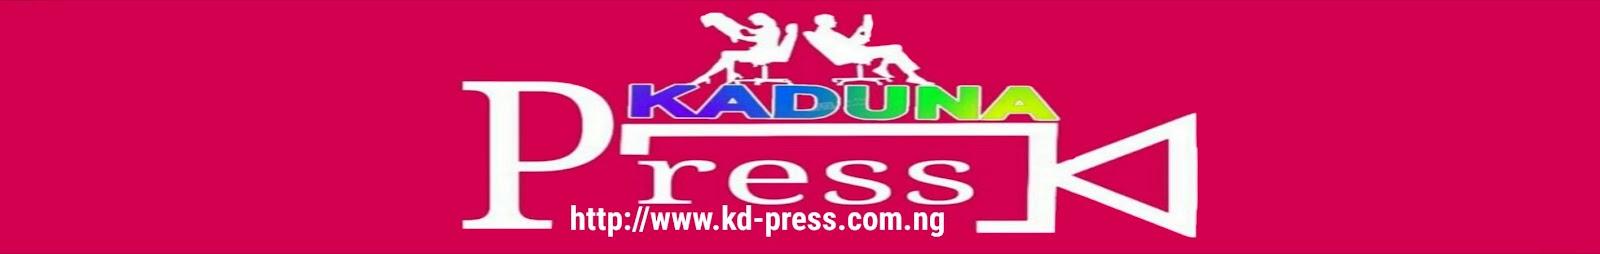 KADUNA PRESS